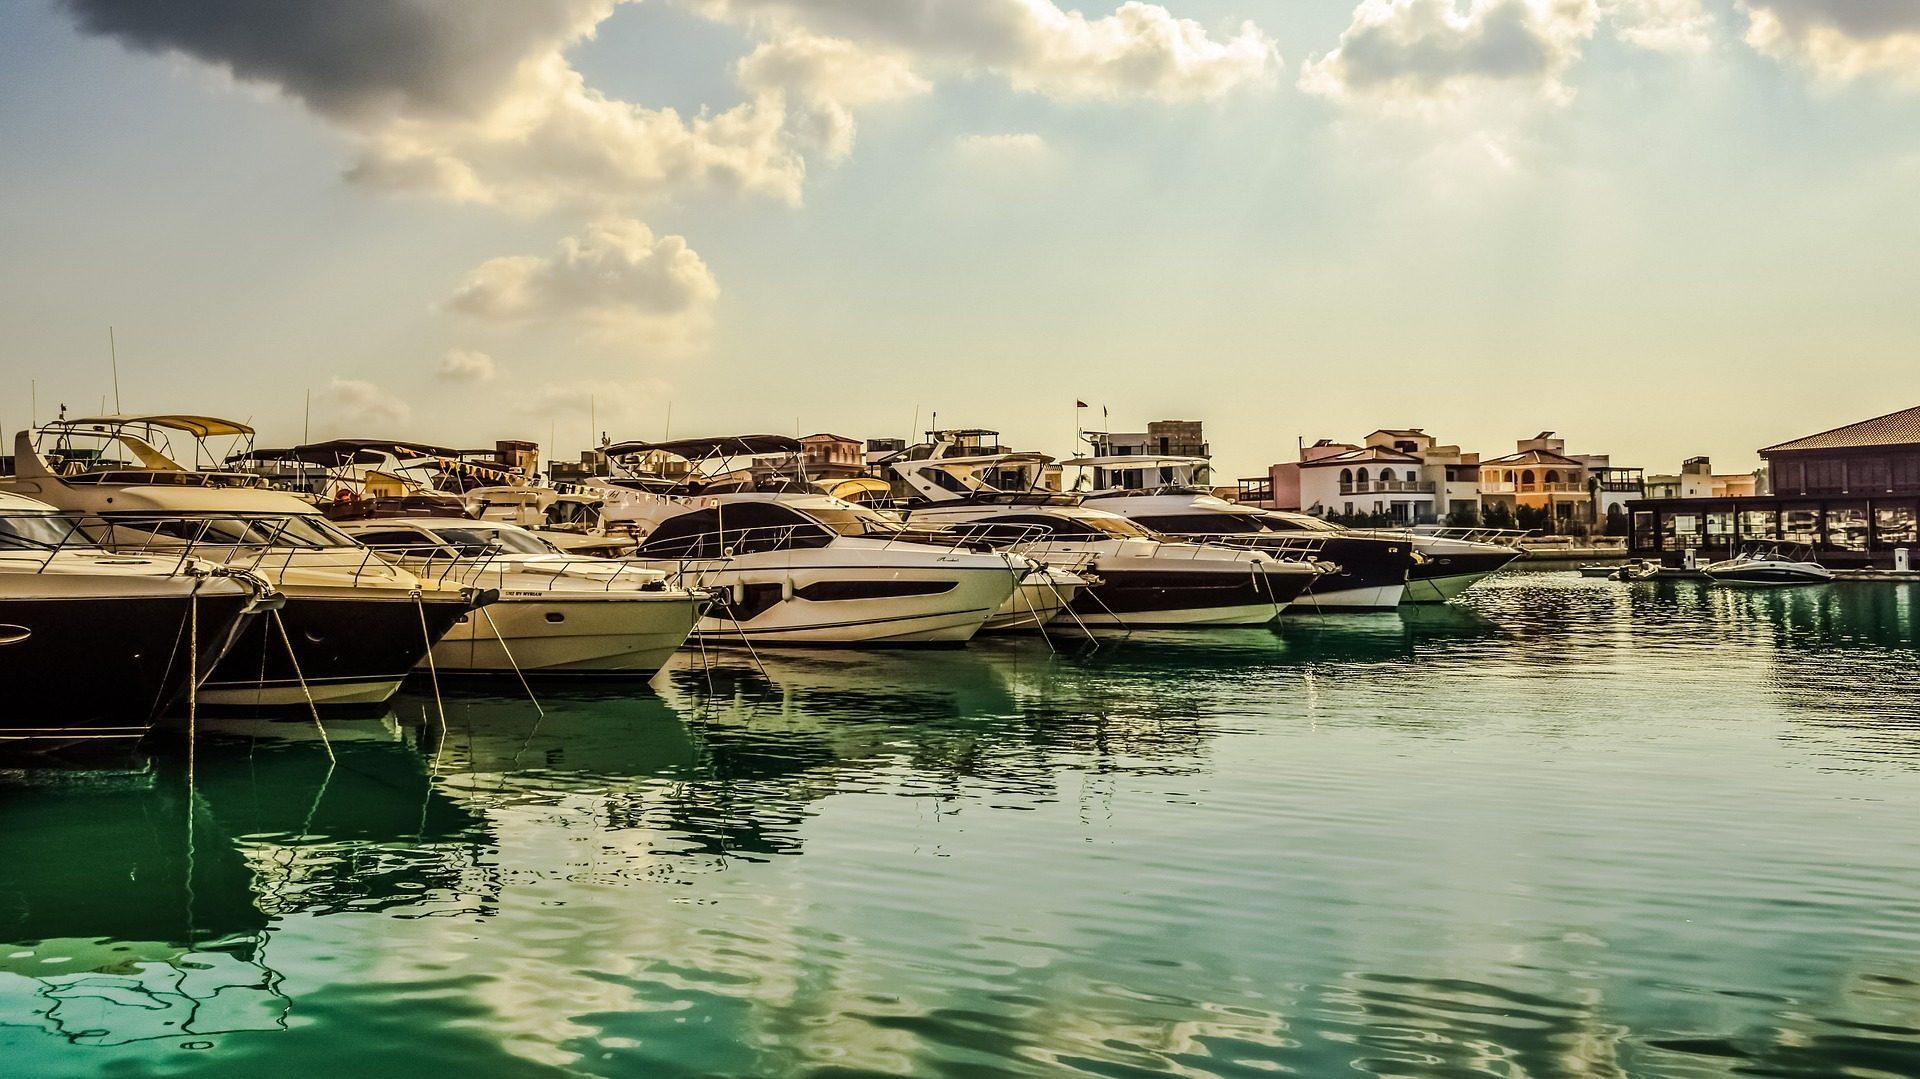 منفذ, البحر, barcos, botes, قوارب - خلفيات عالية الدقة - أستاذ falken.com